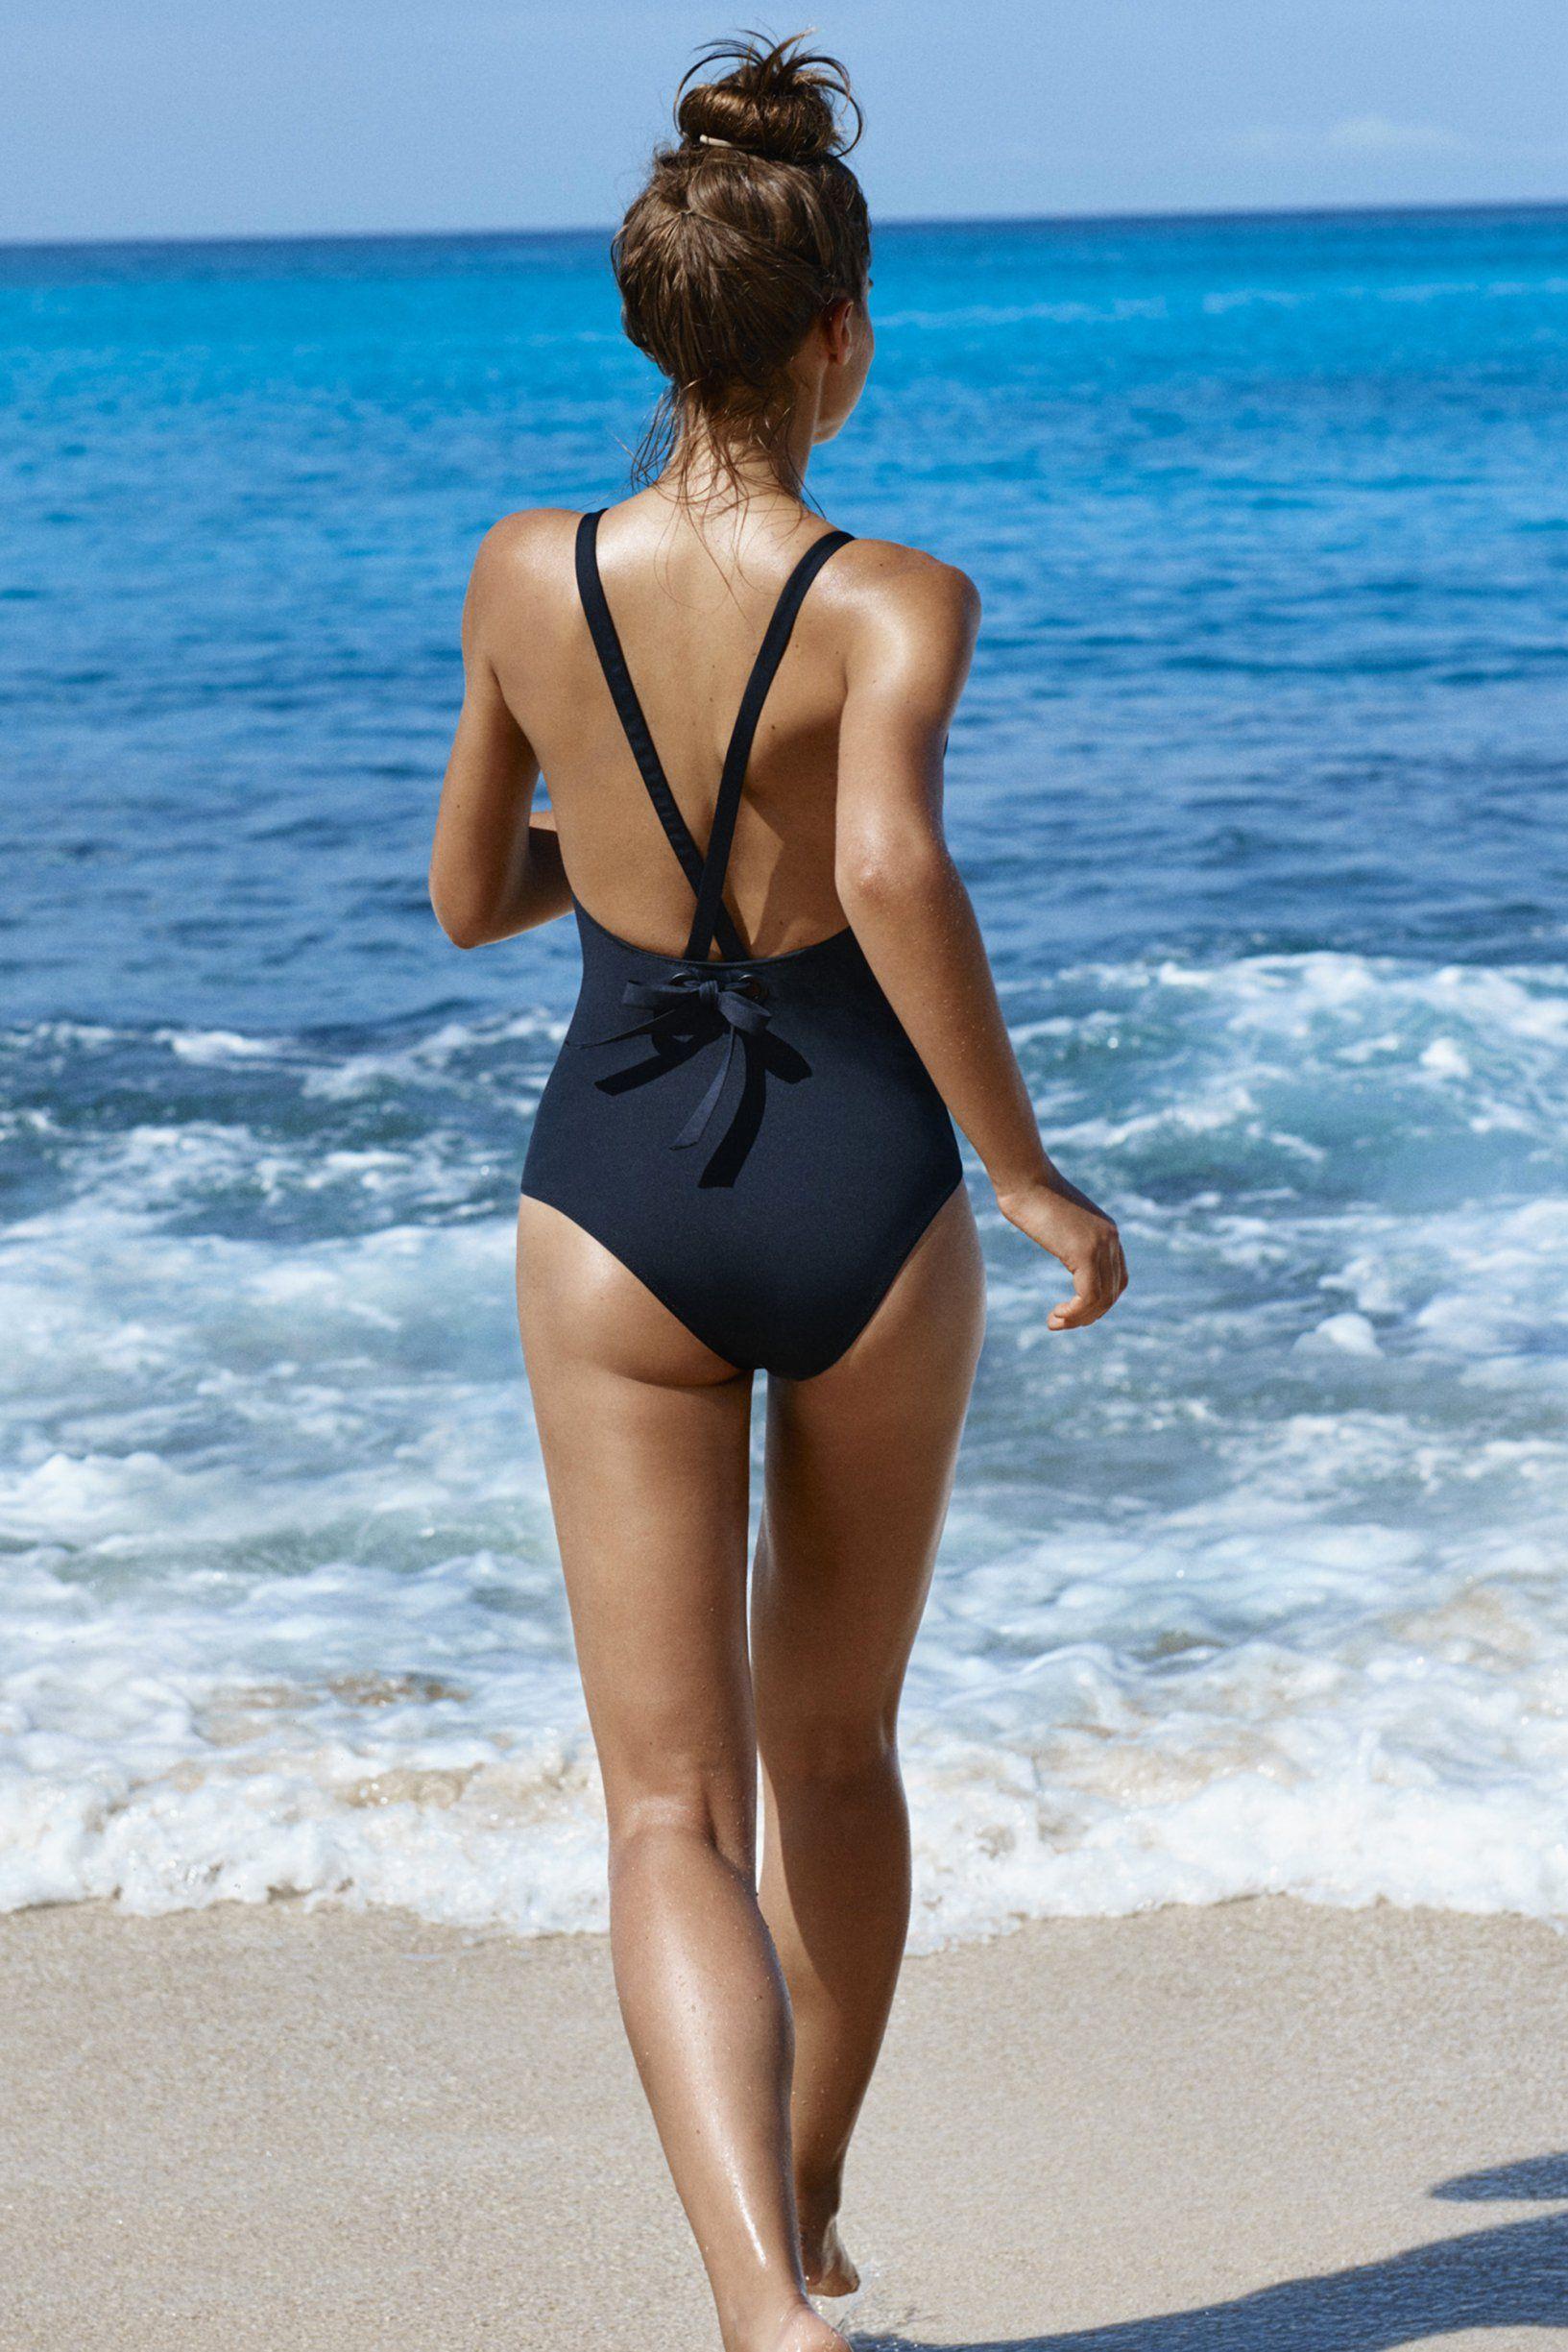 45 maillots de bain 2019 qui donnent envie d'aller à la plage ou à la piscine